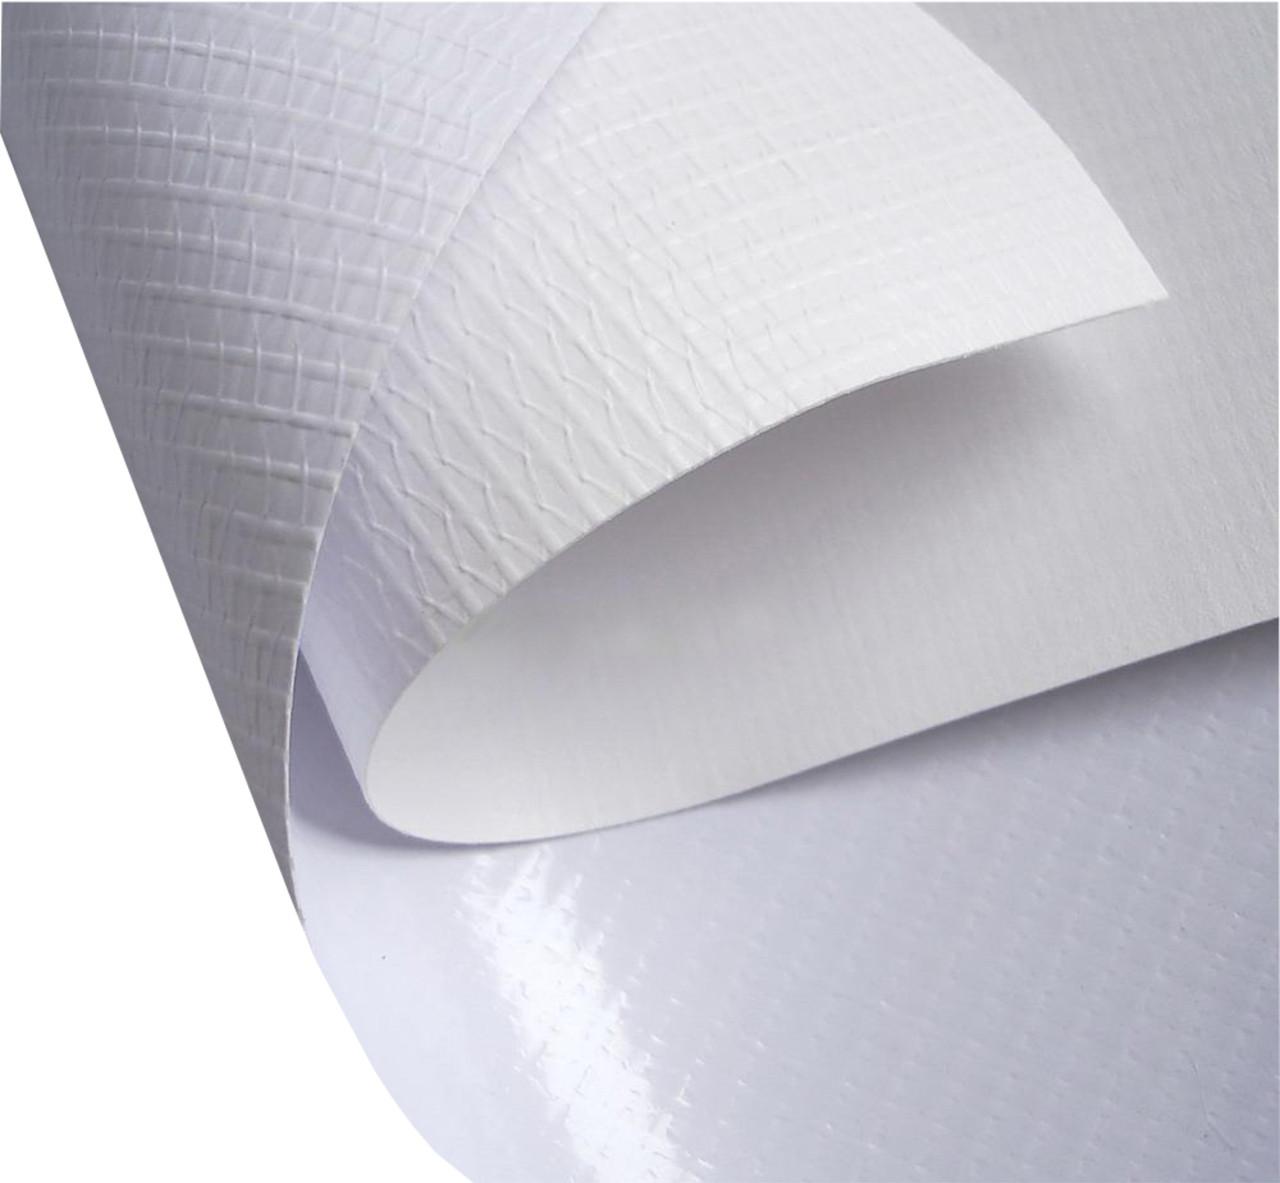 Глянцевая баннерная ткань (440гр.) 3,2м х50м